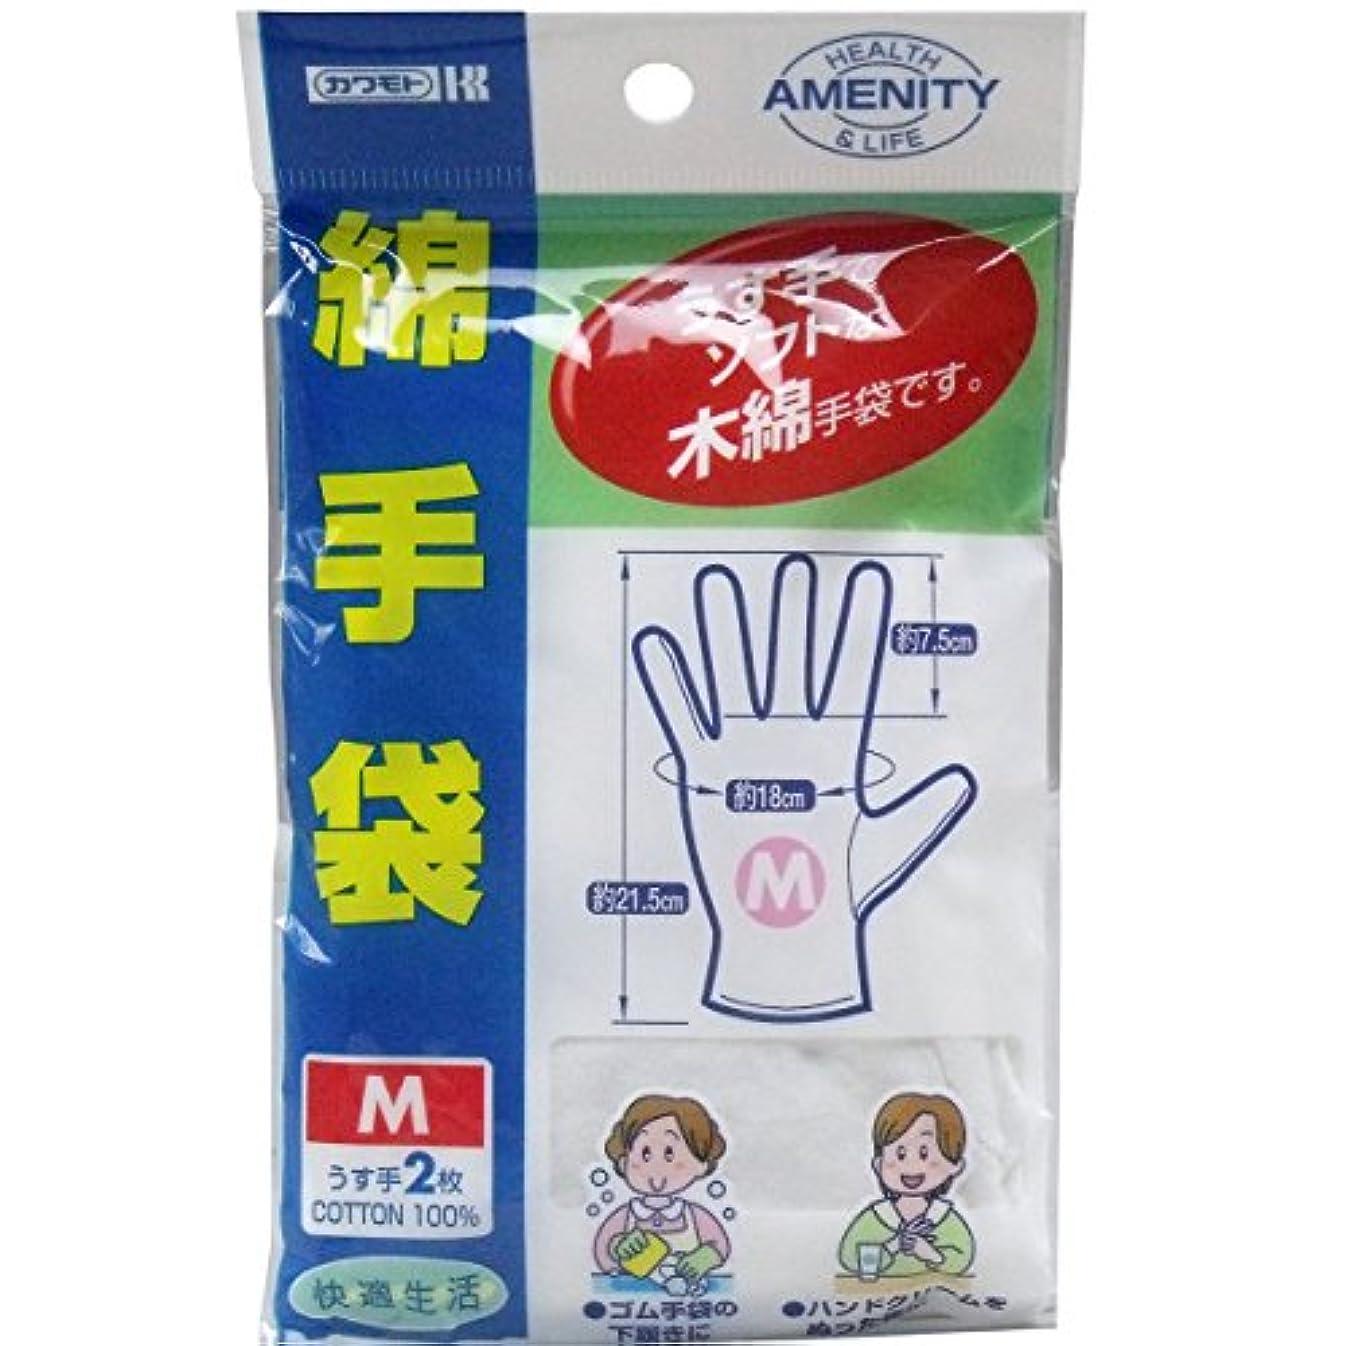 本部磁石鎖綿手袋 Mサイズ うす手2枚入×10個セット